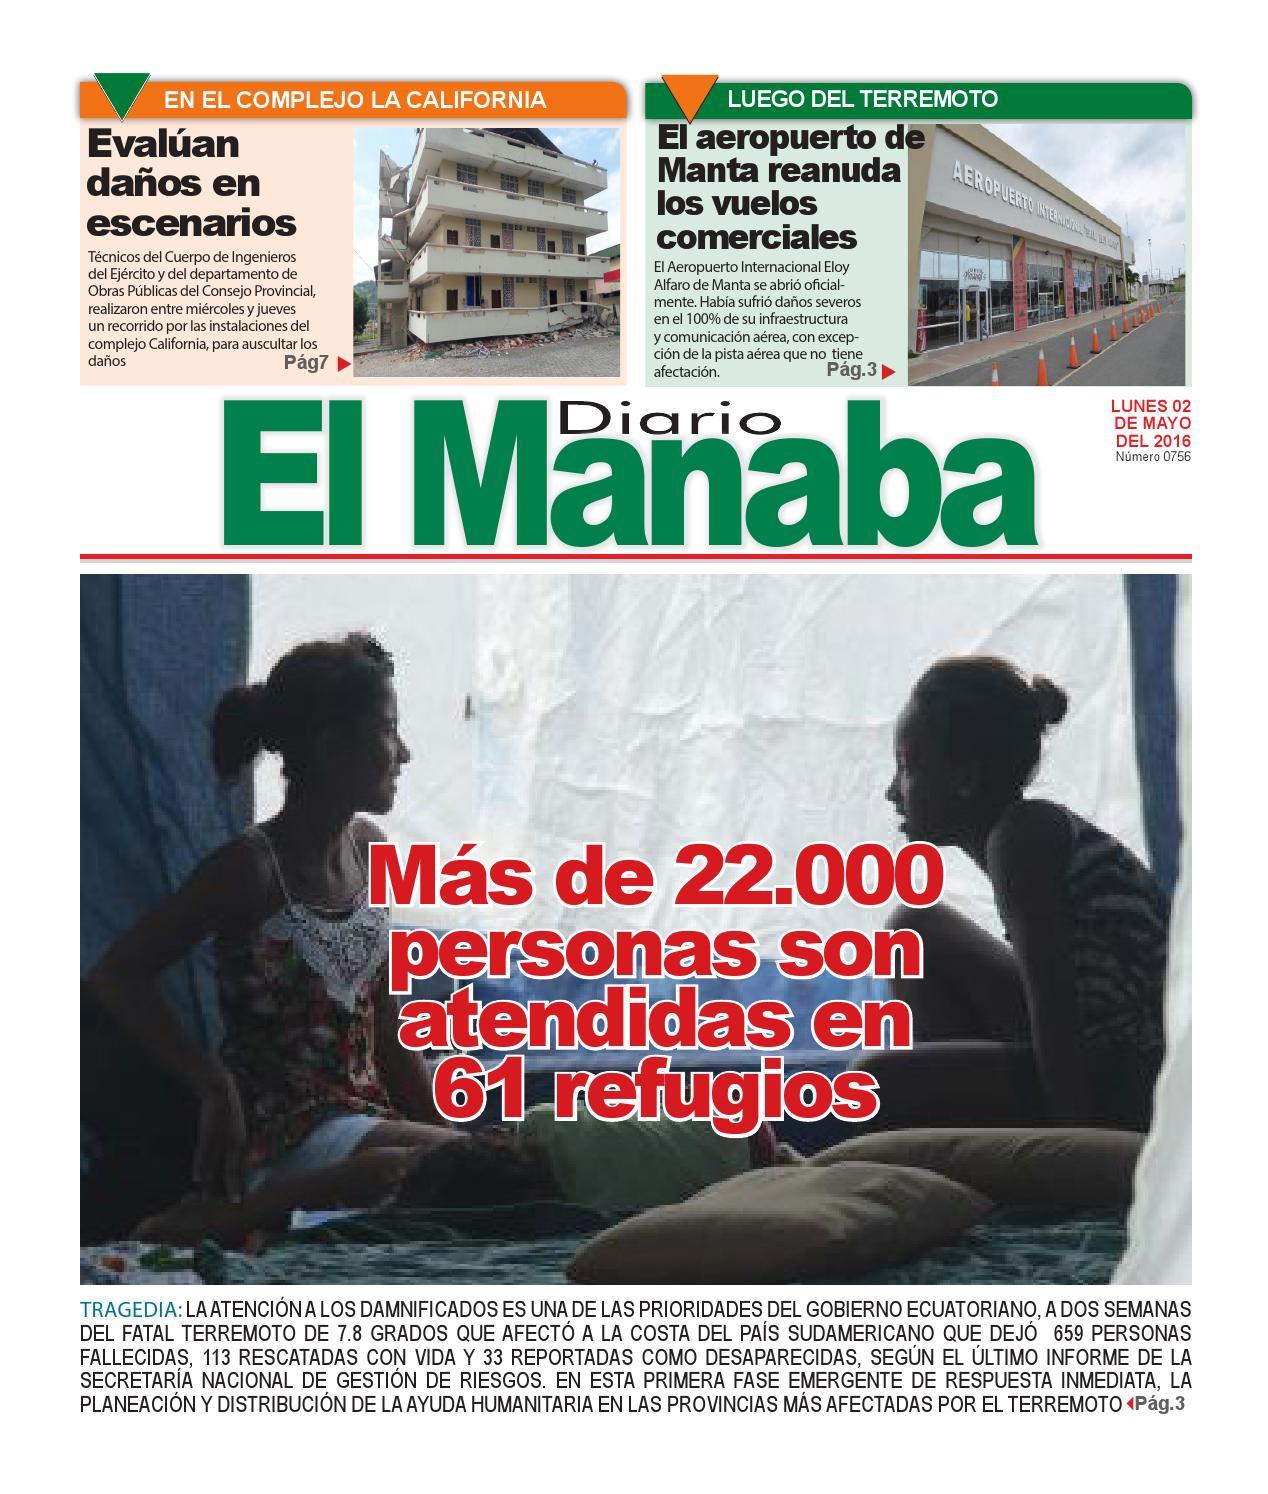 El manaba lunes 02 de mayo del 2016 by elmanaba - issuu